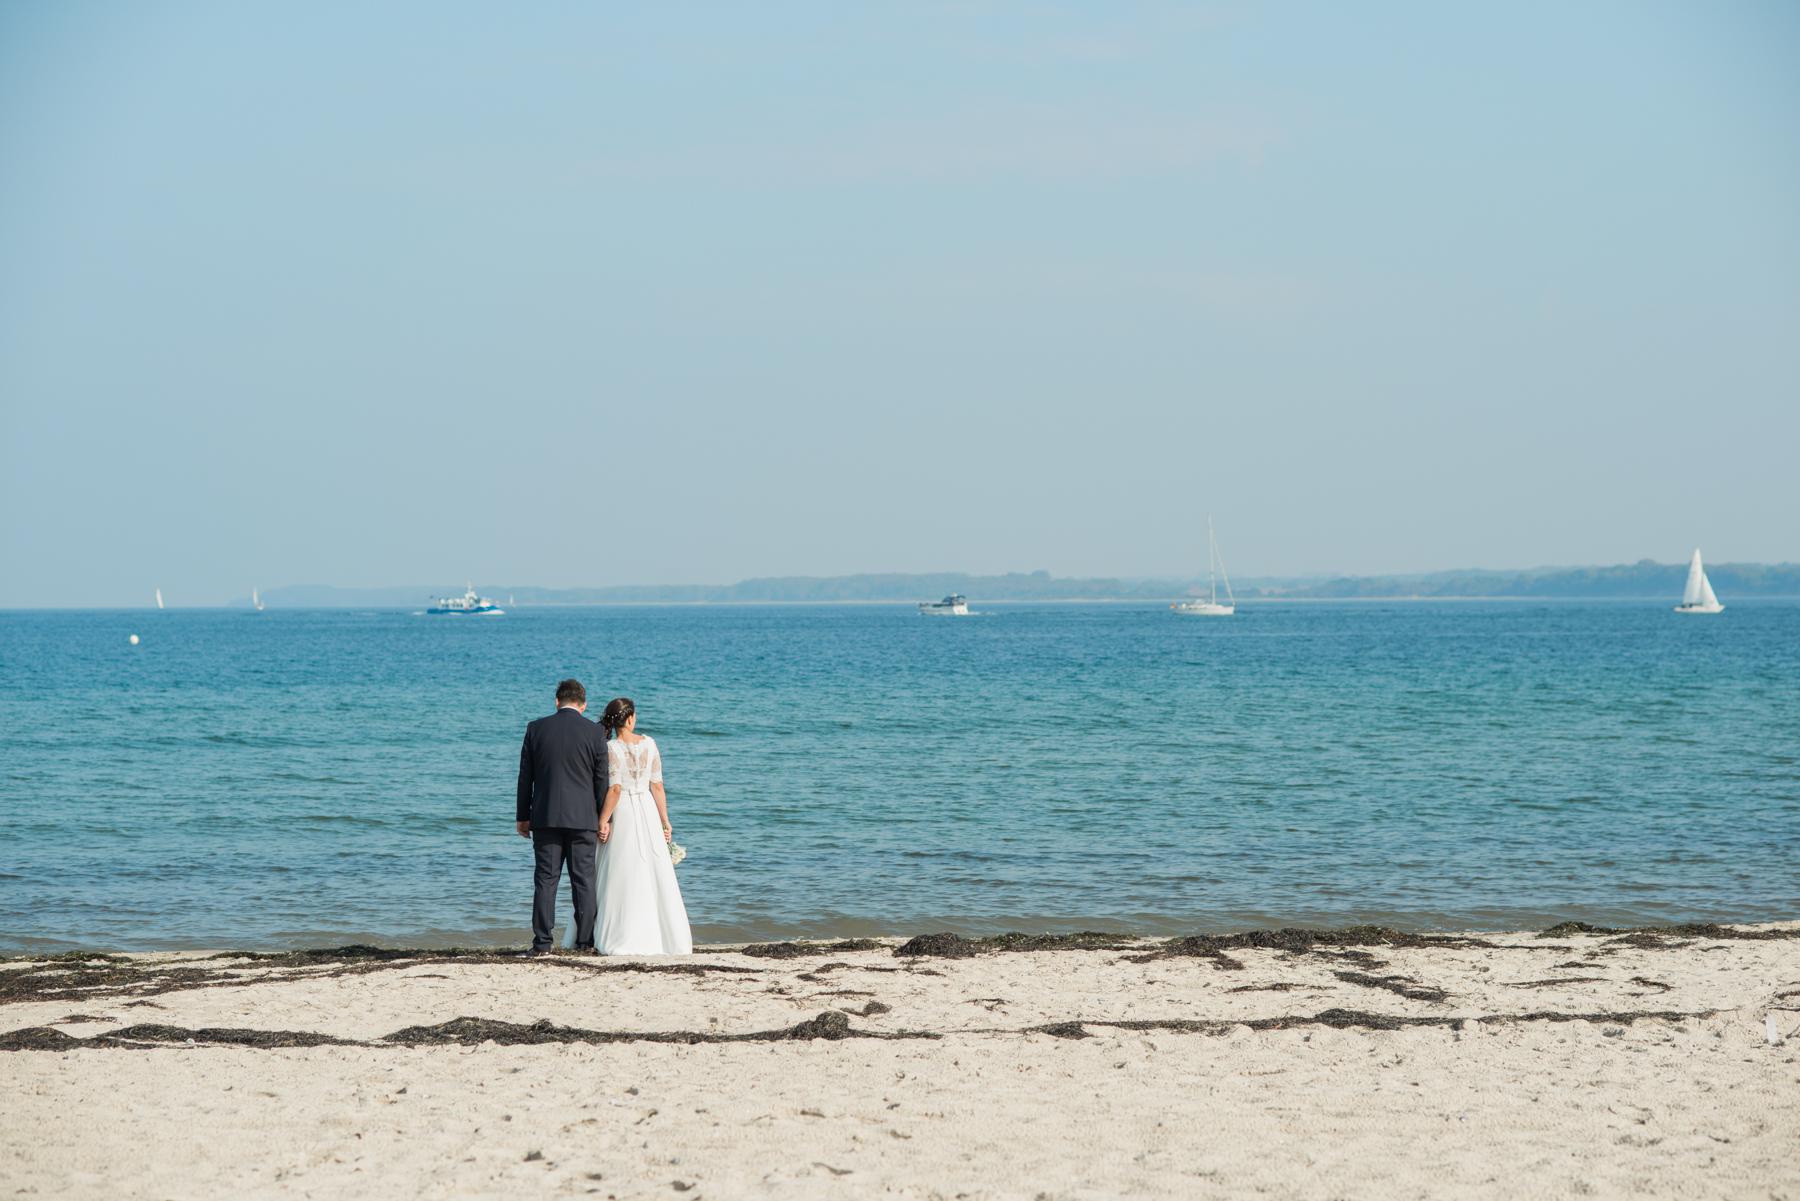 Bluhm-Hochzeitsfotograf-HochzeitamMeer-71.jpg